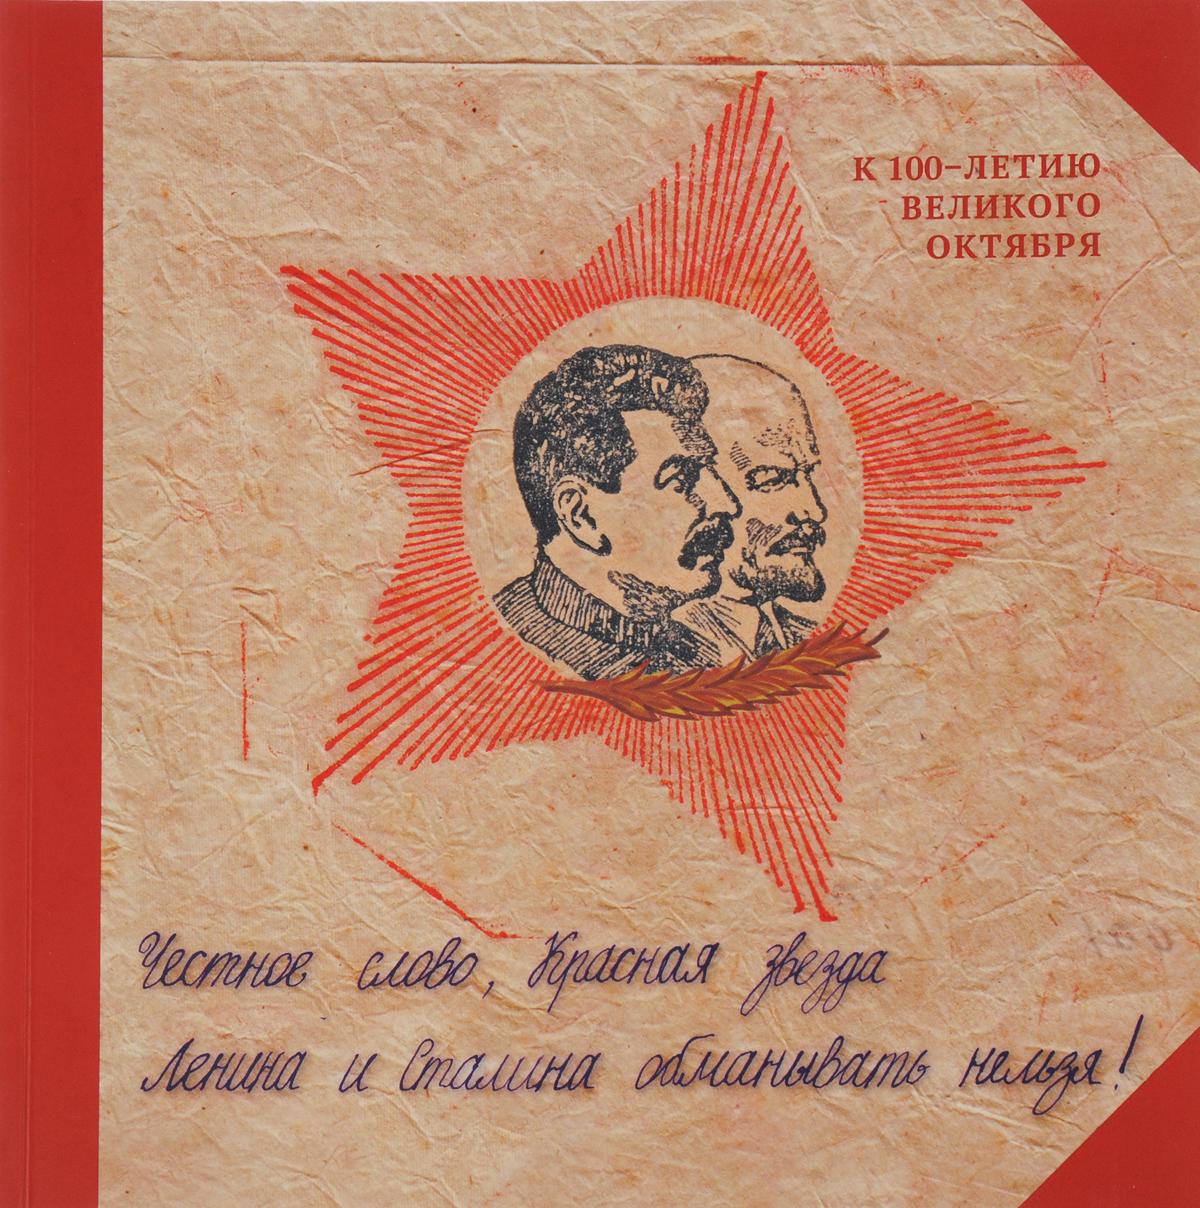 Честное слово красная звезда. Ленина и Сталина обманывать нельзя